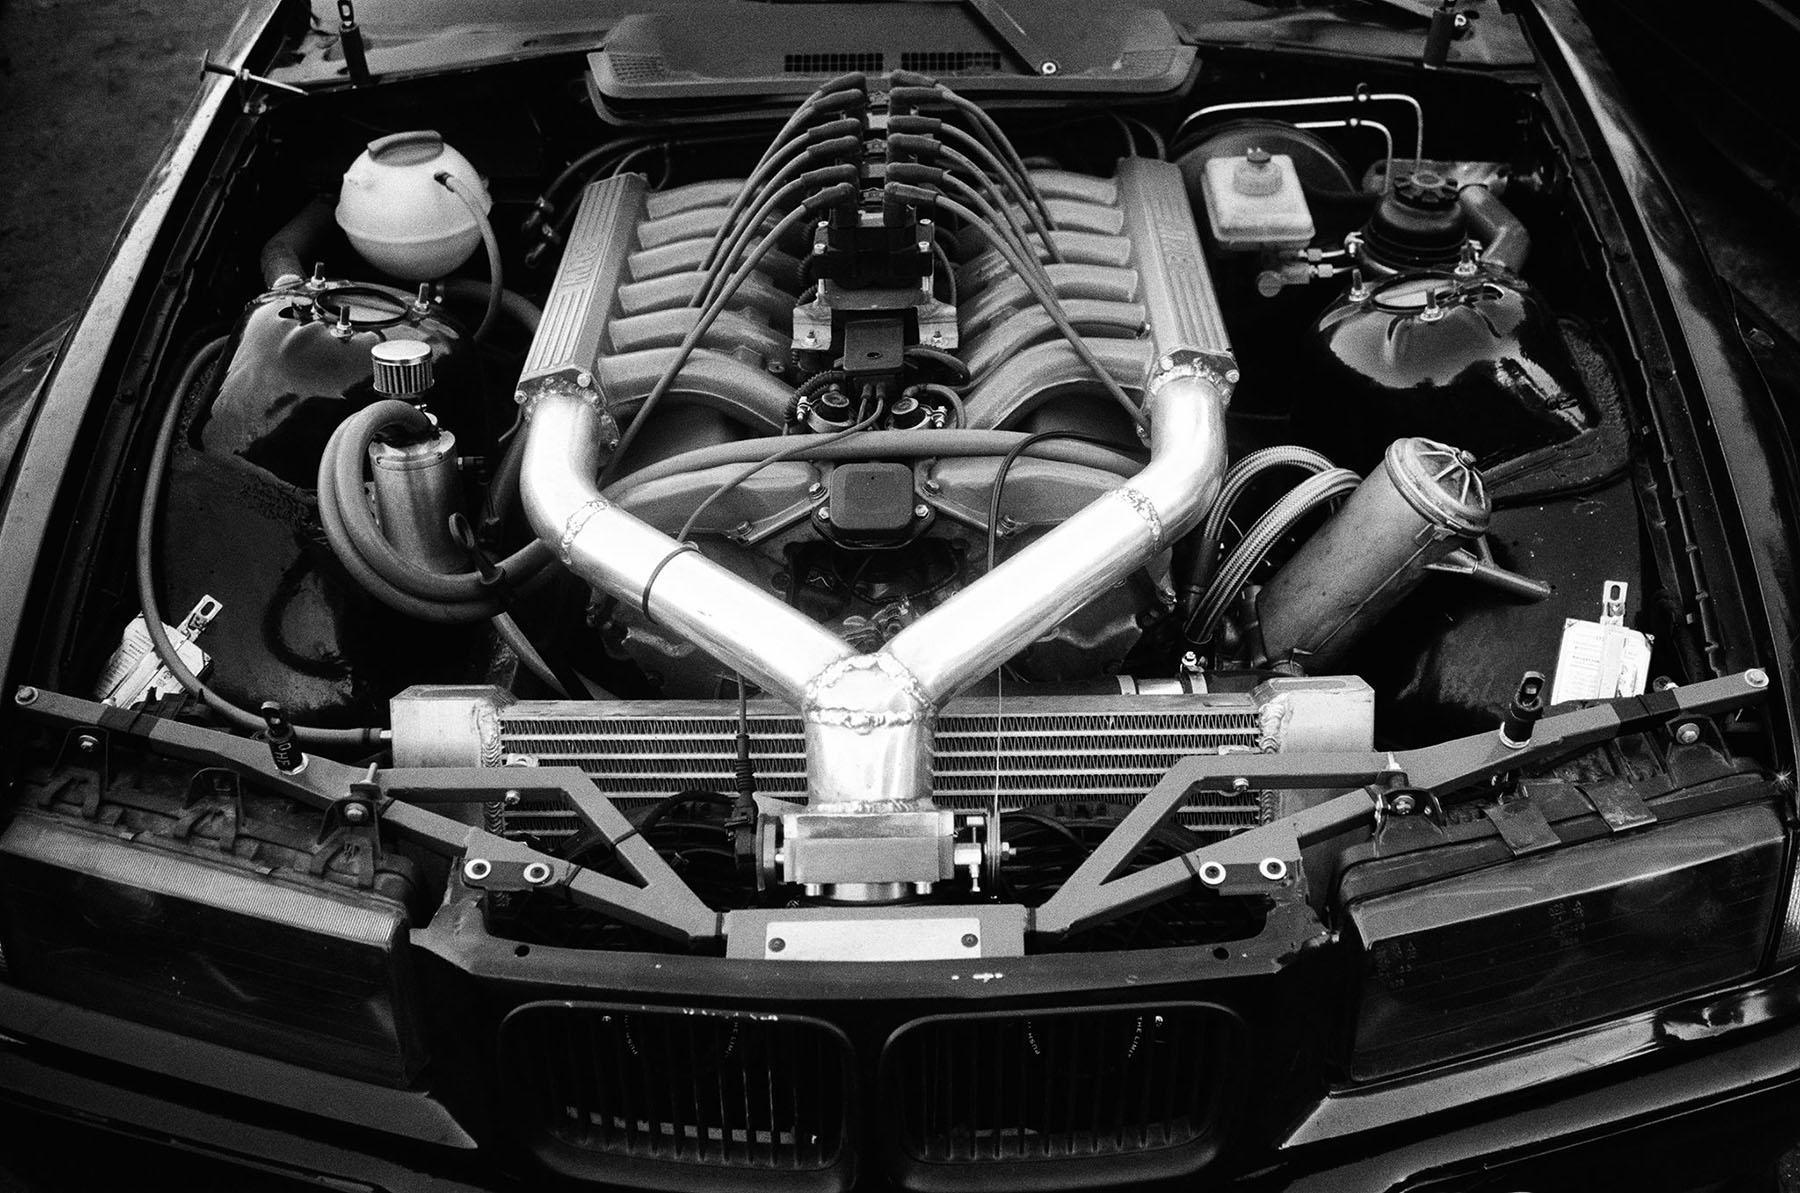 Bmw E36 With A M73 V12 Engine Swap Depot